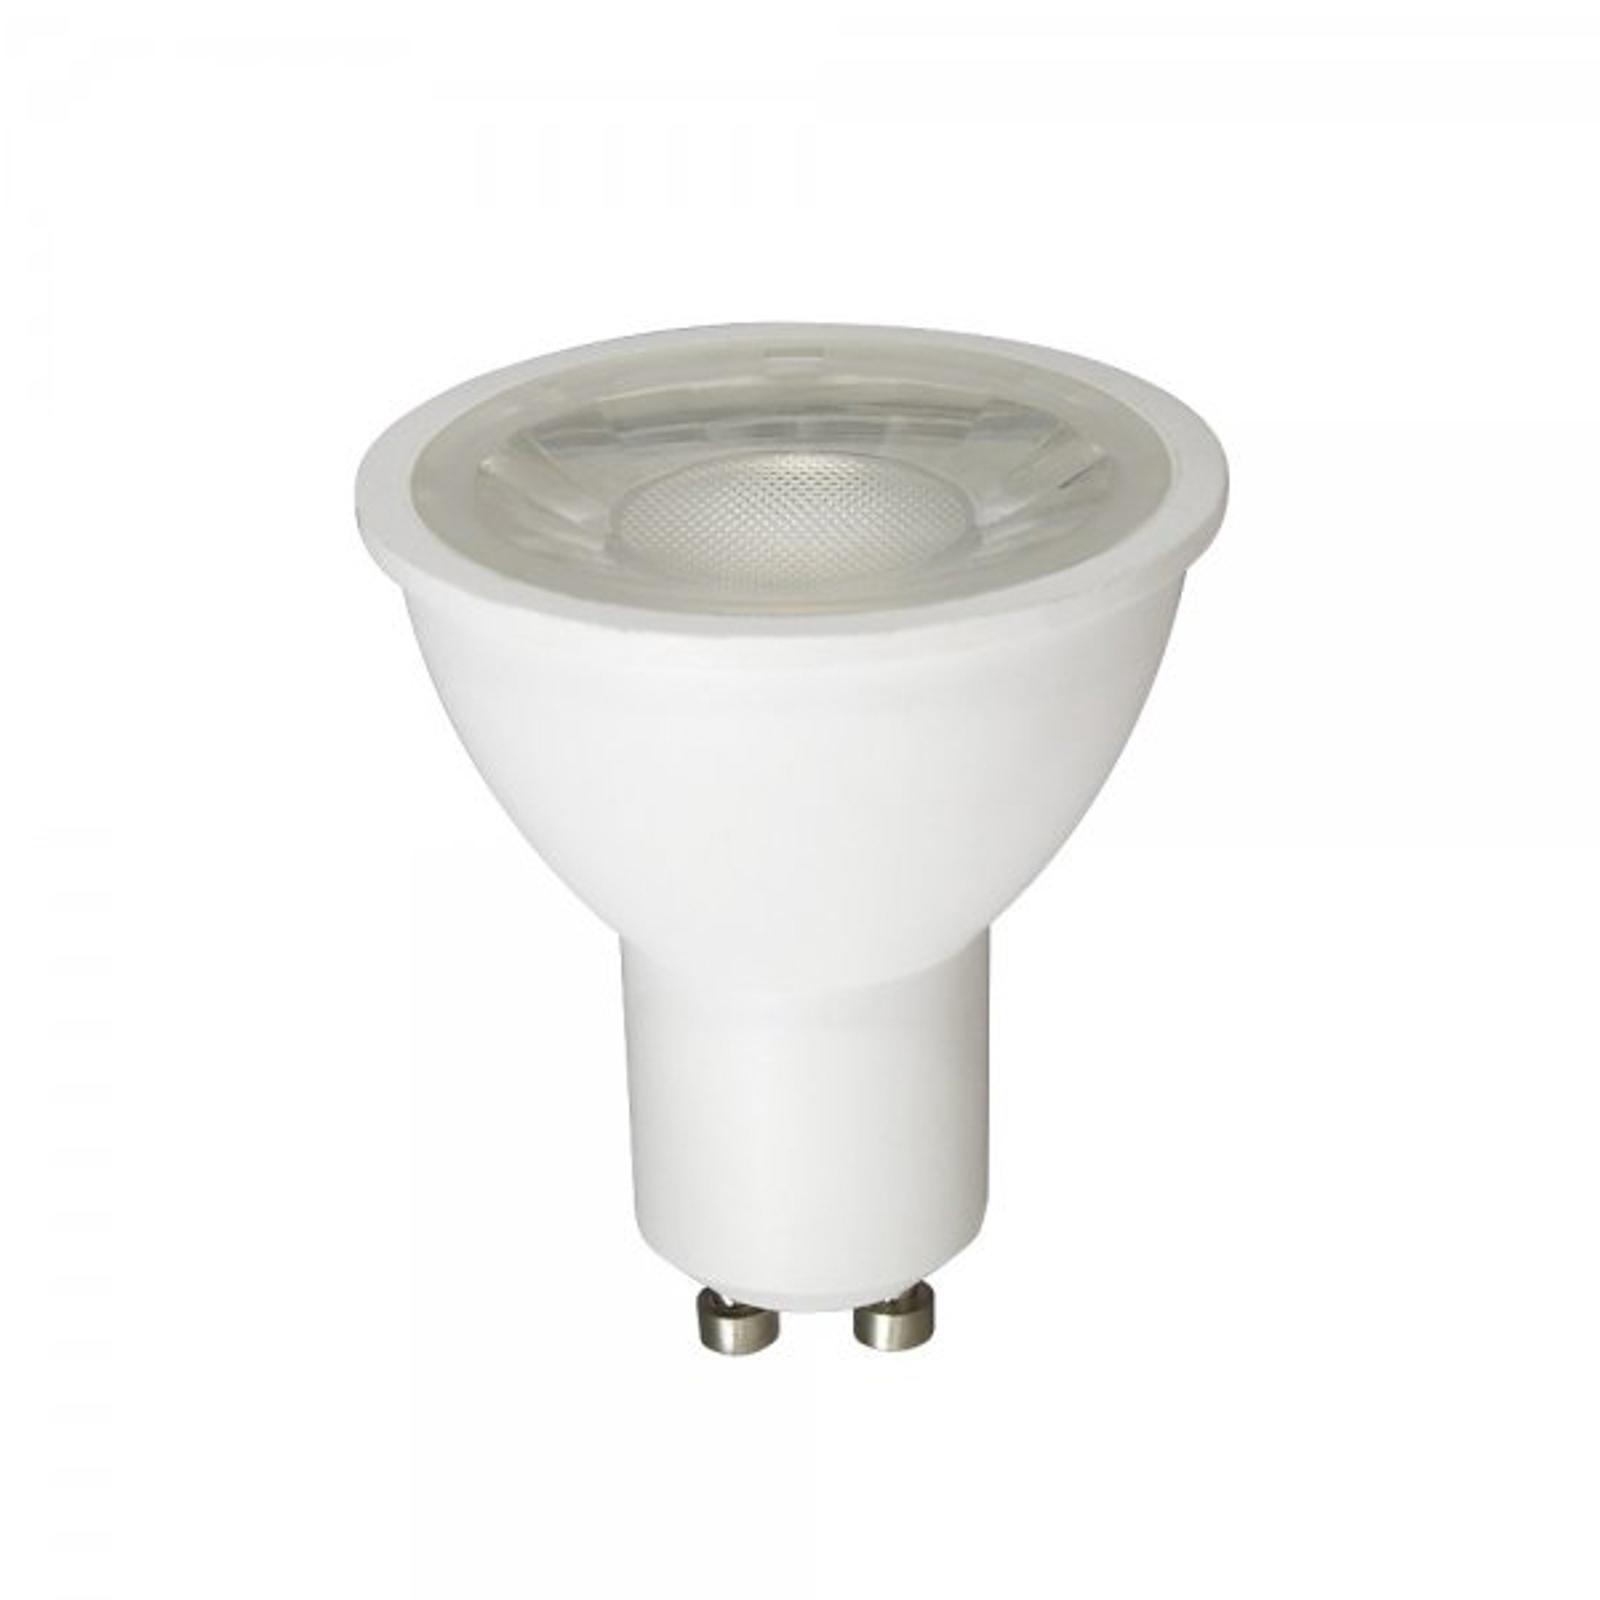 Réflecteur LED GU10 6W 830 HELSO